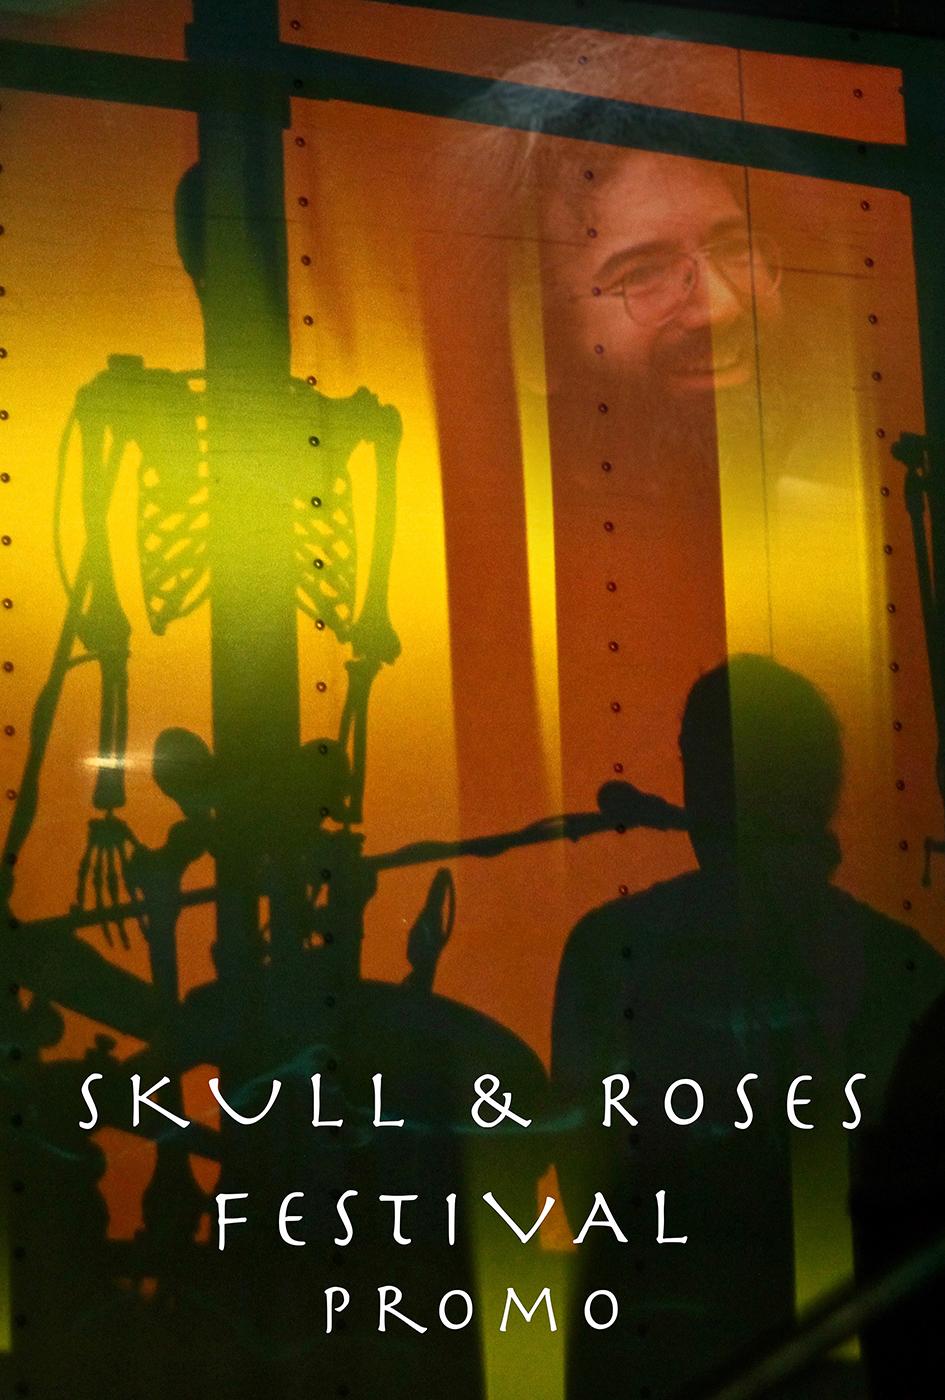 SKULL & ROSES FESTIVAL Promo